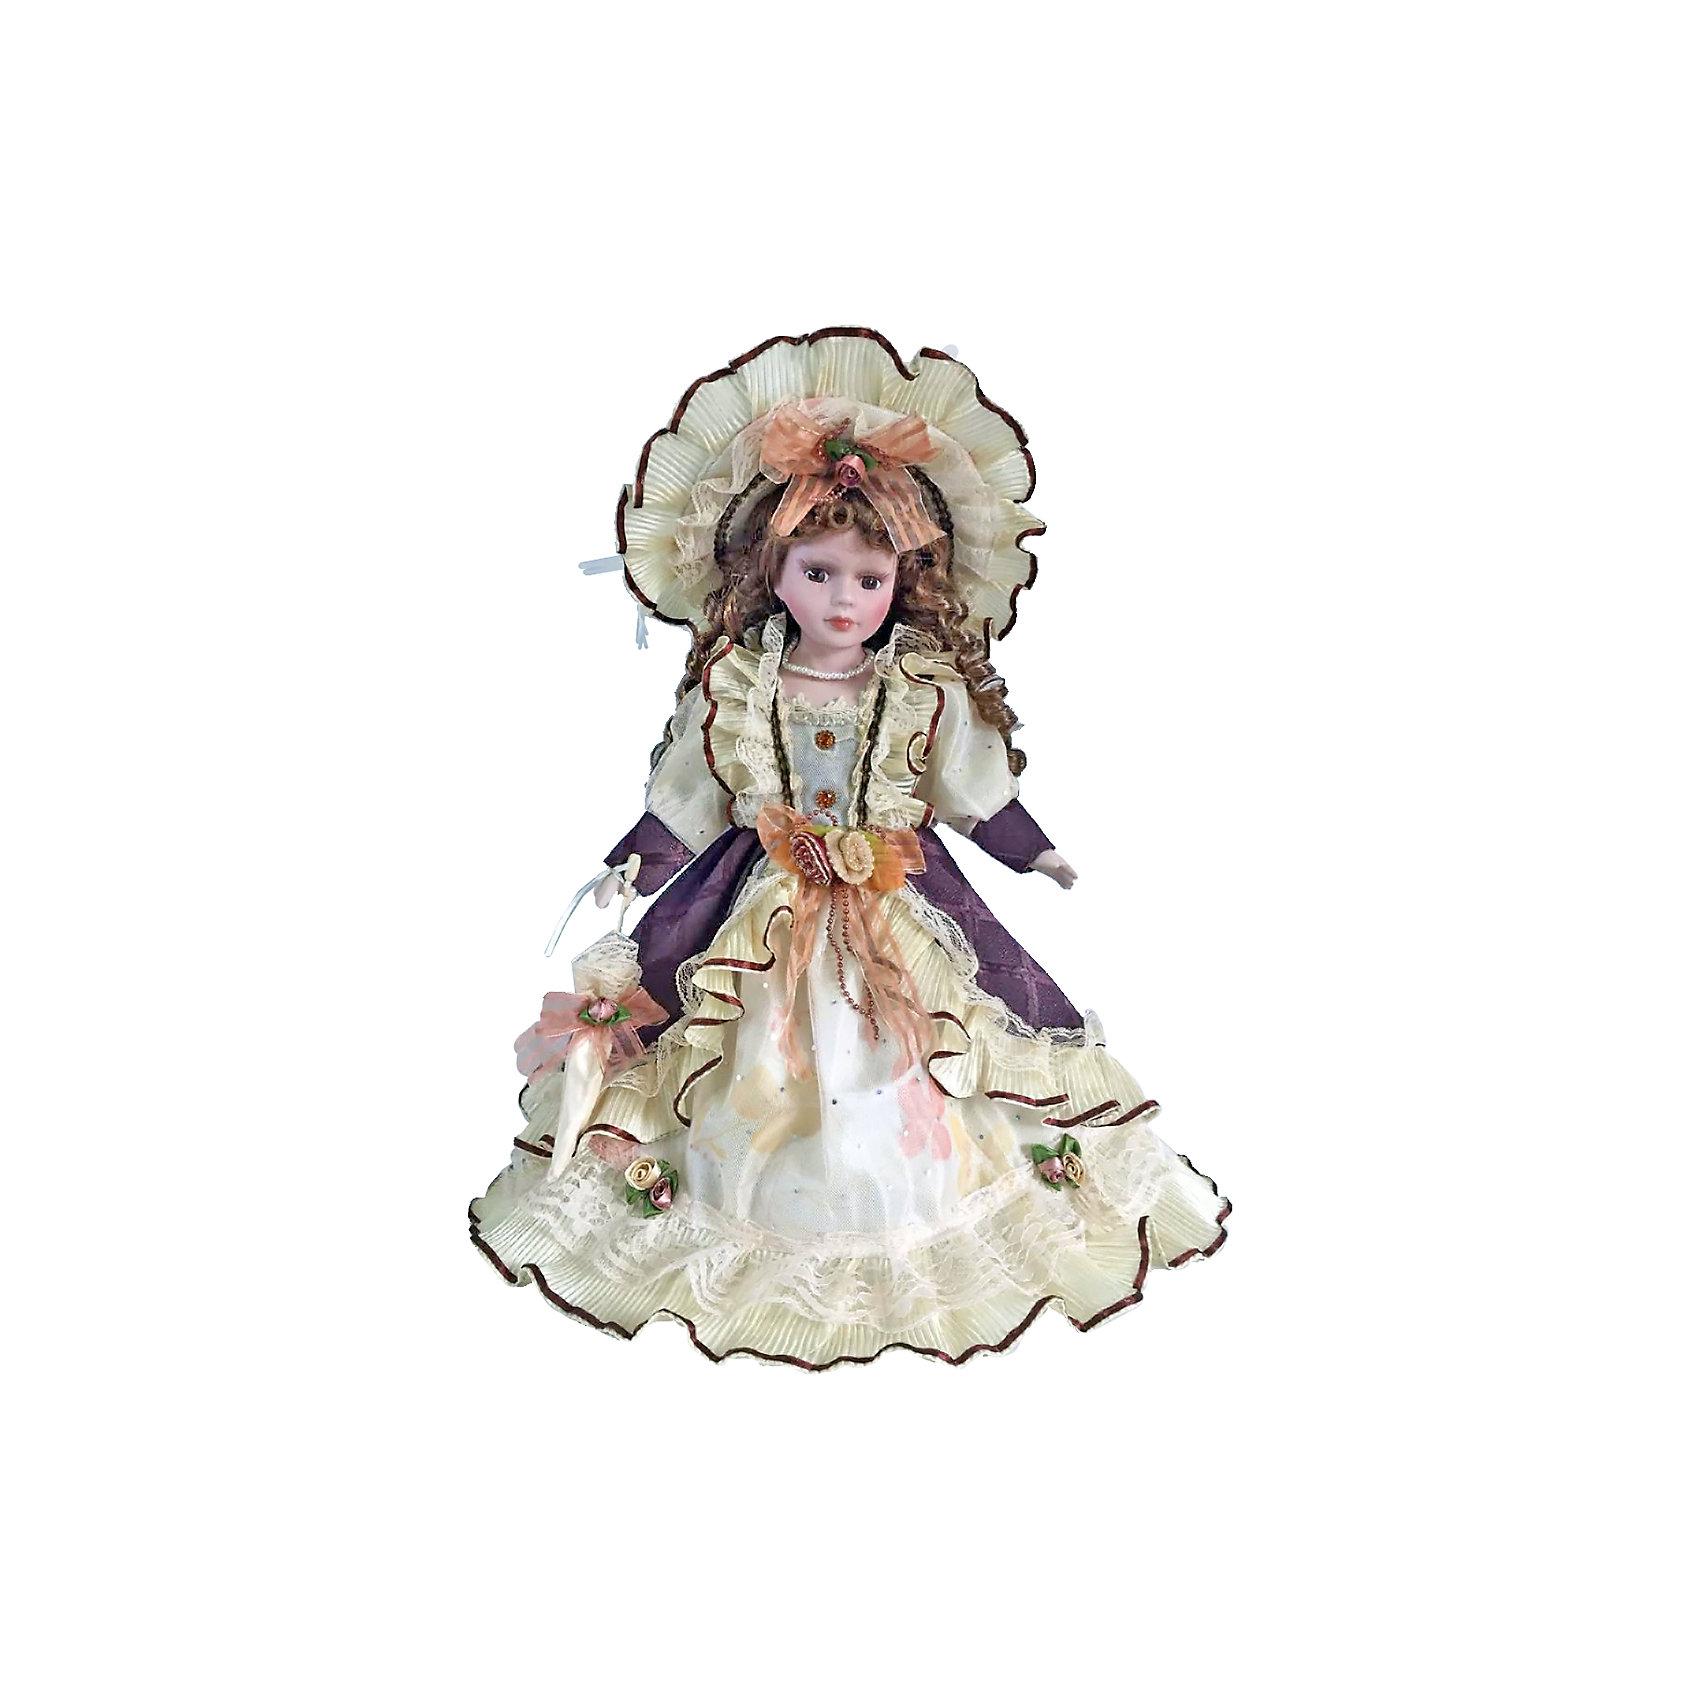 Фарфоровая кукла Паола, Angel CollectionБренды кукол<br>Фарфоровая кукла Паола, Angel Collection.<br><br>Характеристики:<br><br>• Высота куклы: 40,5 см.<br>• Материал: фарфор, текстиль<br>• Упаковка: картонная коробка блистерного типа<br><br>Фарфоровая кукла «Паола», Angel Collection изготовлена с большим вниманием к мелким деталям, благодаря этому она очень красива и привлекательна. Голову куклы украшает шляпа с очень широкими полями, из-под которой спадают на плечи длинные русые локоны. Кукла одета в пышное платье с длинными рукавами. У Паолы большие глаза в обрамлении длинных ресничек и ангельское кукольное личико. Кукла установлена на специальную подставку. <br><br>Фарфоровая красавица Паола - это не просто игрушка, а также украшение для интерьера или ценный экспонат коллекции. Каждая кукла в серии Angel Collection, обладает неповторимым образом - принцессы, феи, маленькие девочки, роскошные невесты и т.д. Изысканные наряды и очаровательная матовость фарфора превращают этих кукол в настоящее произведение искусства. Куклы Angel Collection сделаны из уникальной голубой глины, добываемой только в провинции Tai-Nan Shin, Тайвань.<br><br>Фарфоровую куклу Паола, Angel Collection можно купить в нашем интернет-магазине.<br><br>Ширина мм: 190<br>Глубина мм: 430<br>Высота мм: 100<br>Вес г: 938<br>Возраст от месяцев: 36<br>Возраст до месяцев: 2147483647<br>Пол: Женский<br>Возраст: Детский<br>SKU: 5400281